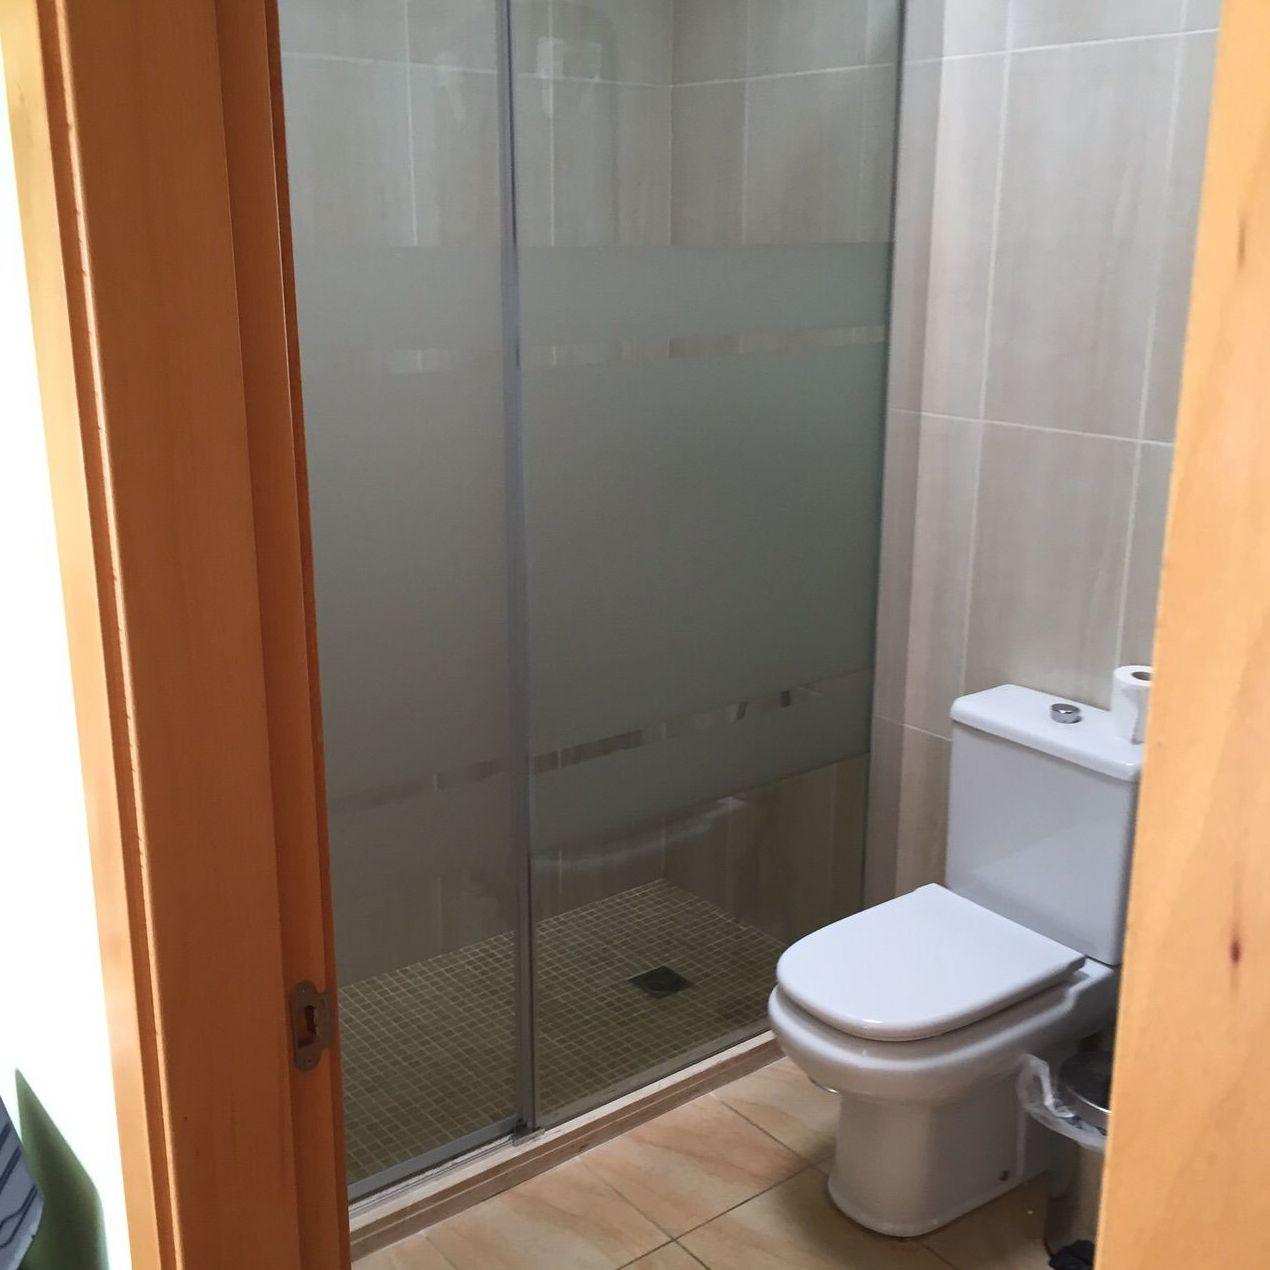 Mamparas de baño a medida en Santa Cruz de Tenerife